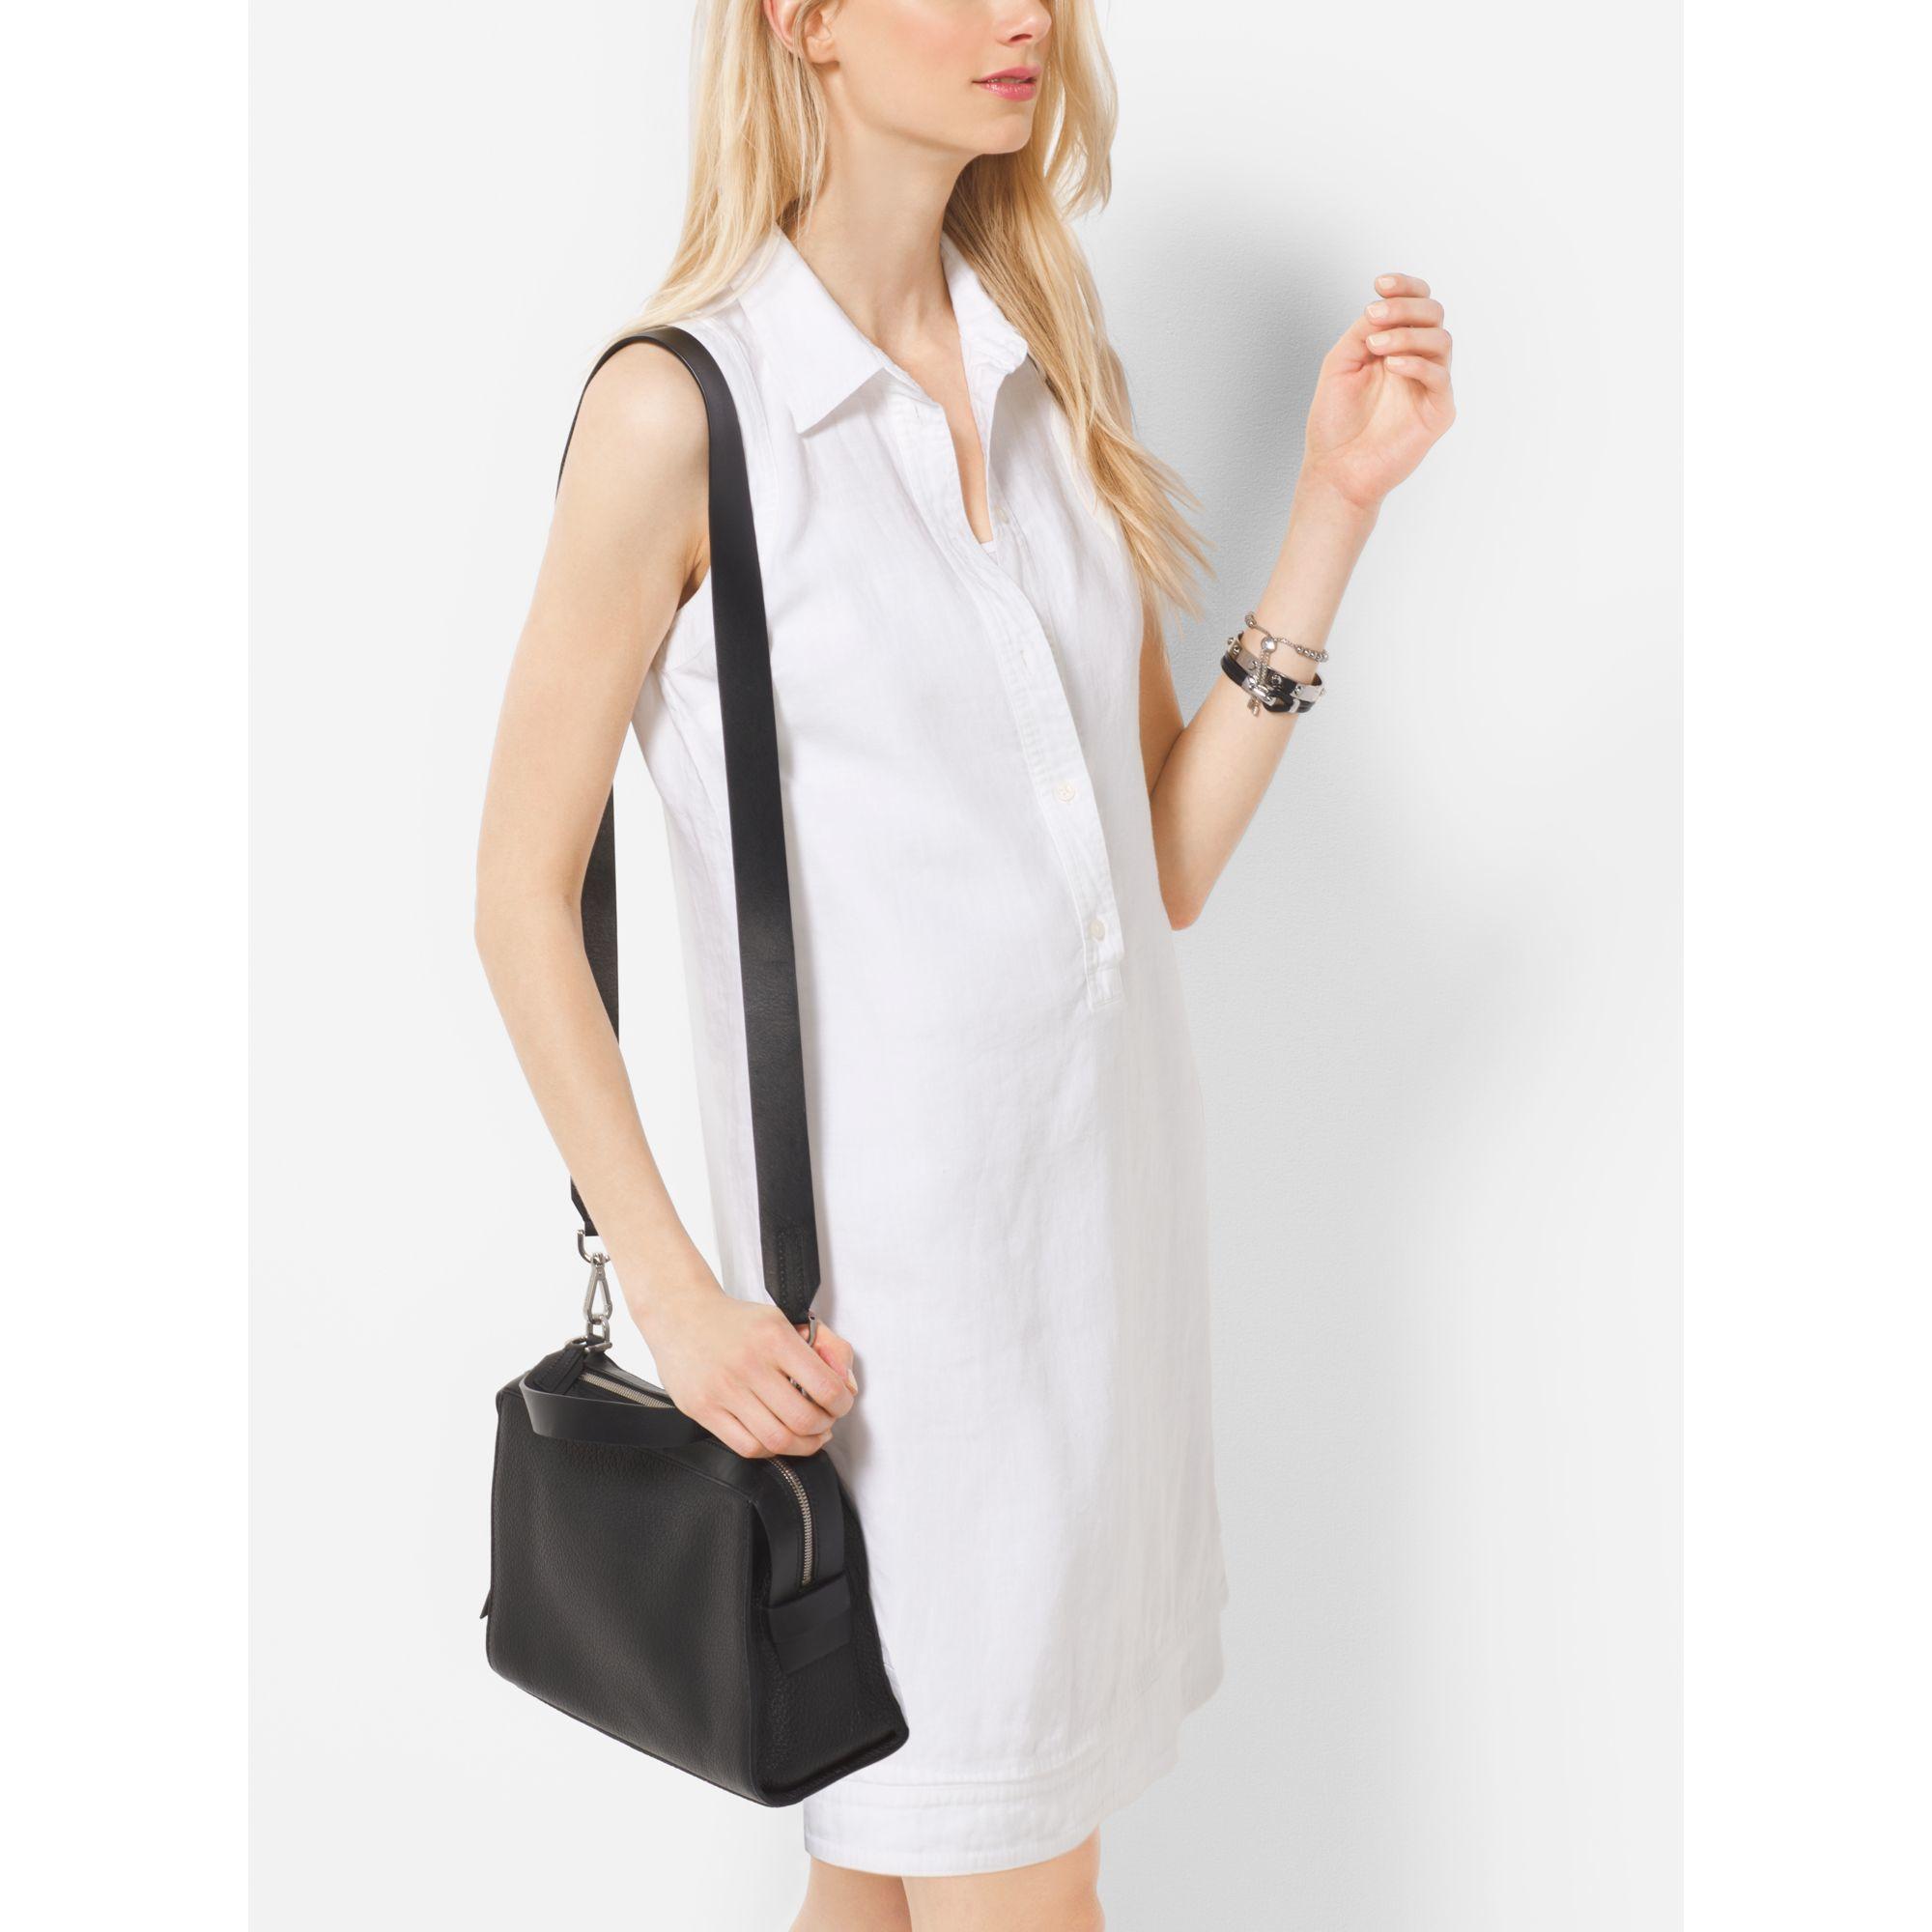 1cea144772e2d1 Michael Kors Ingrid Medium Leather Shoulder Bag in Black - Lyst